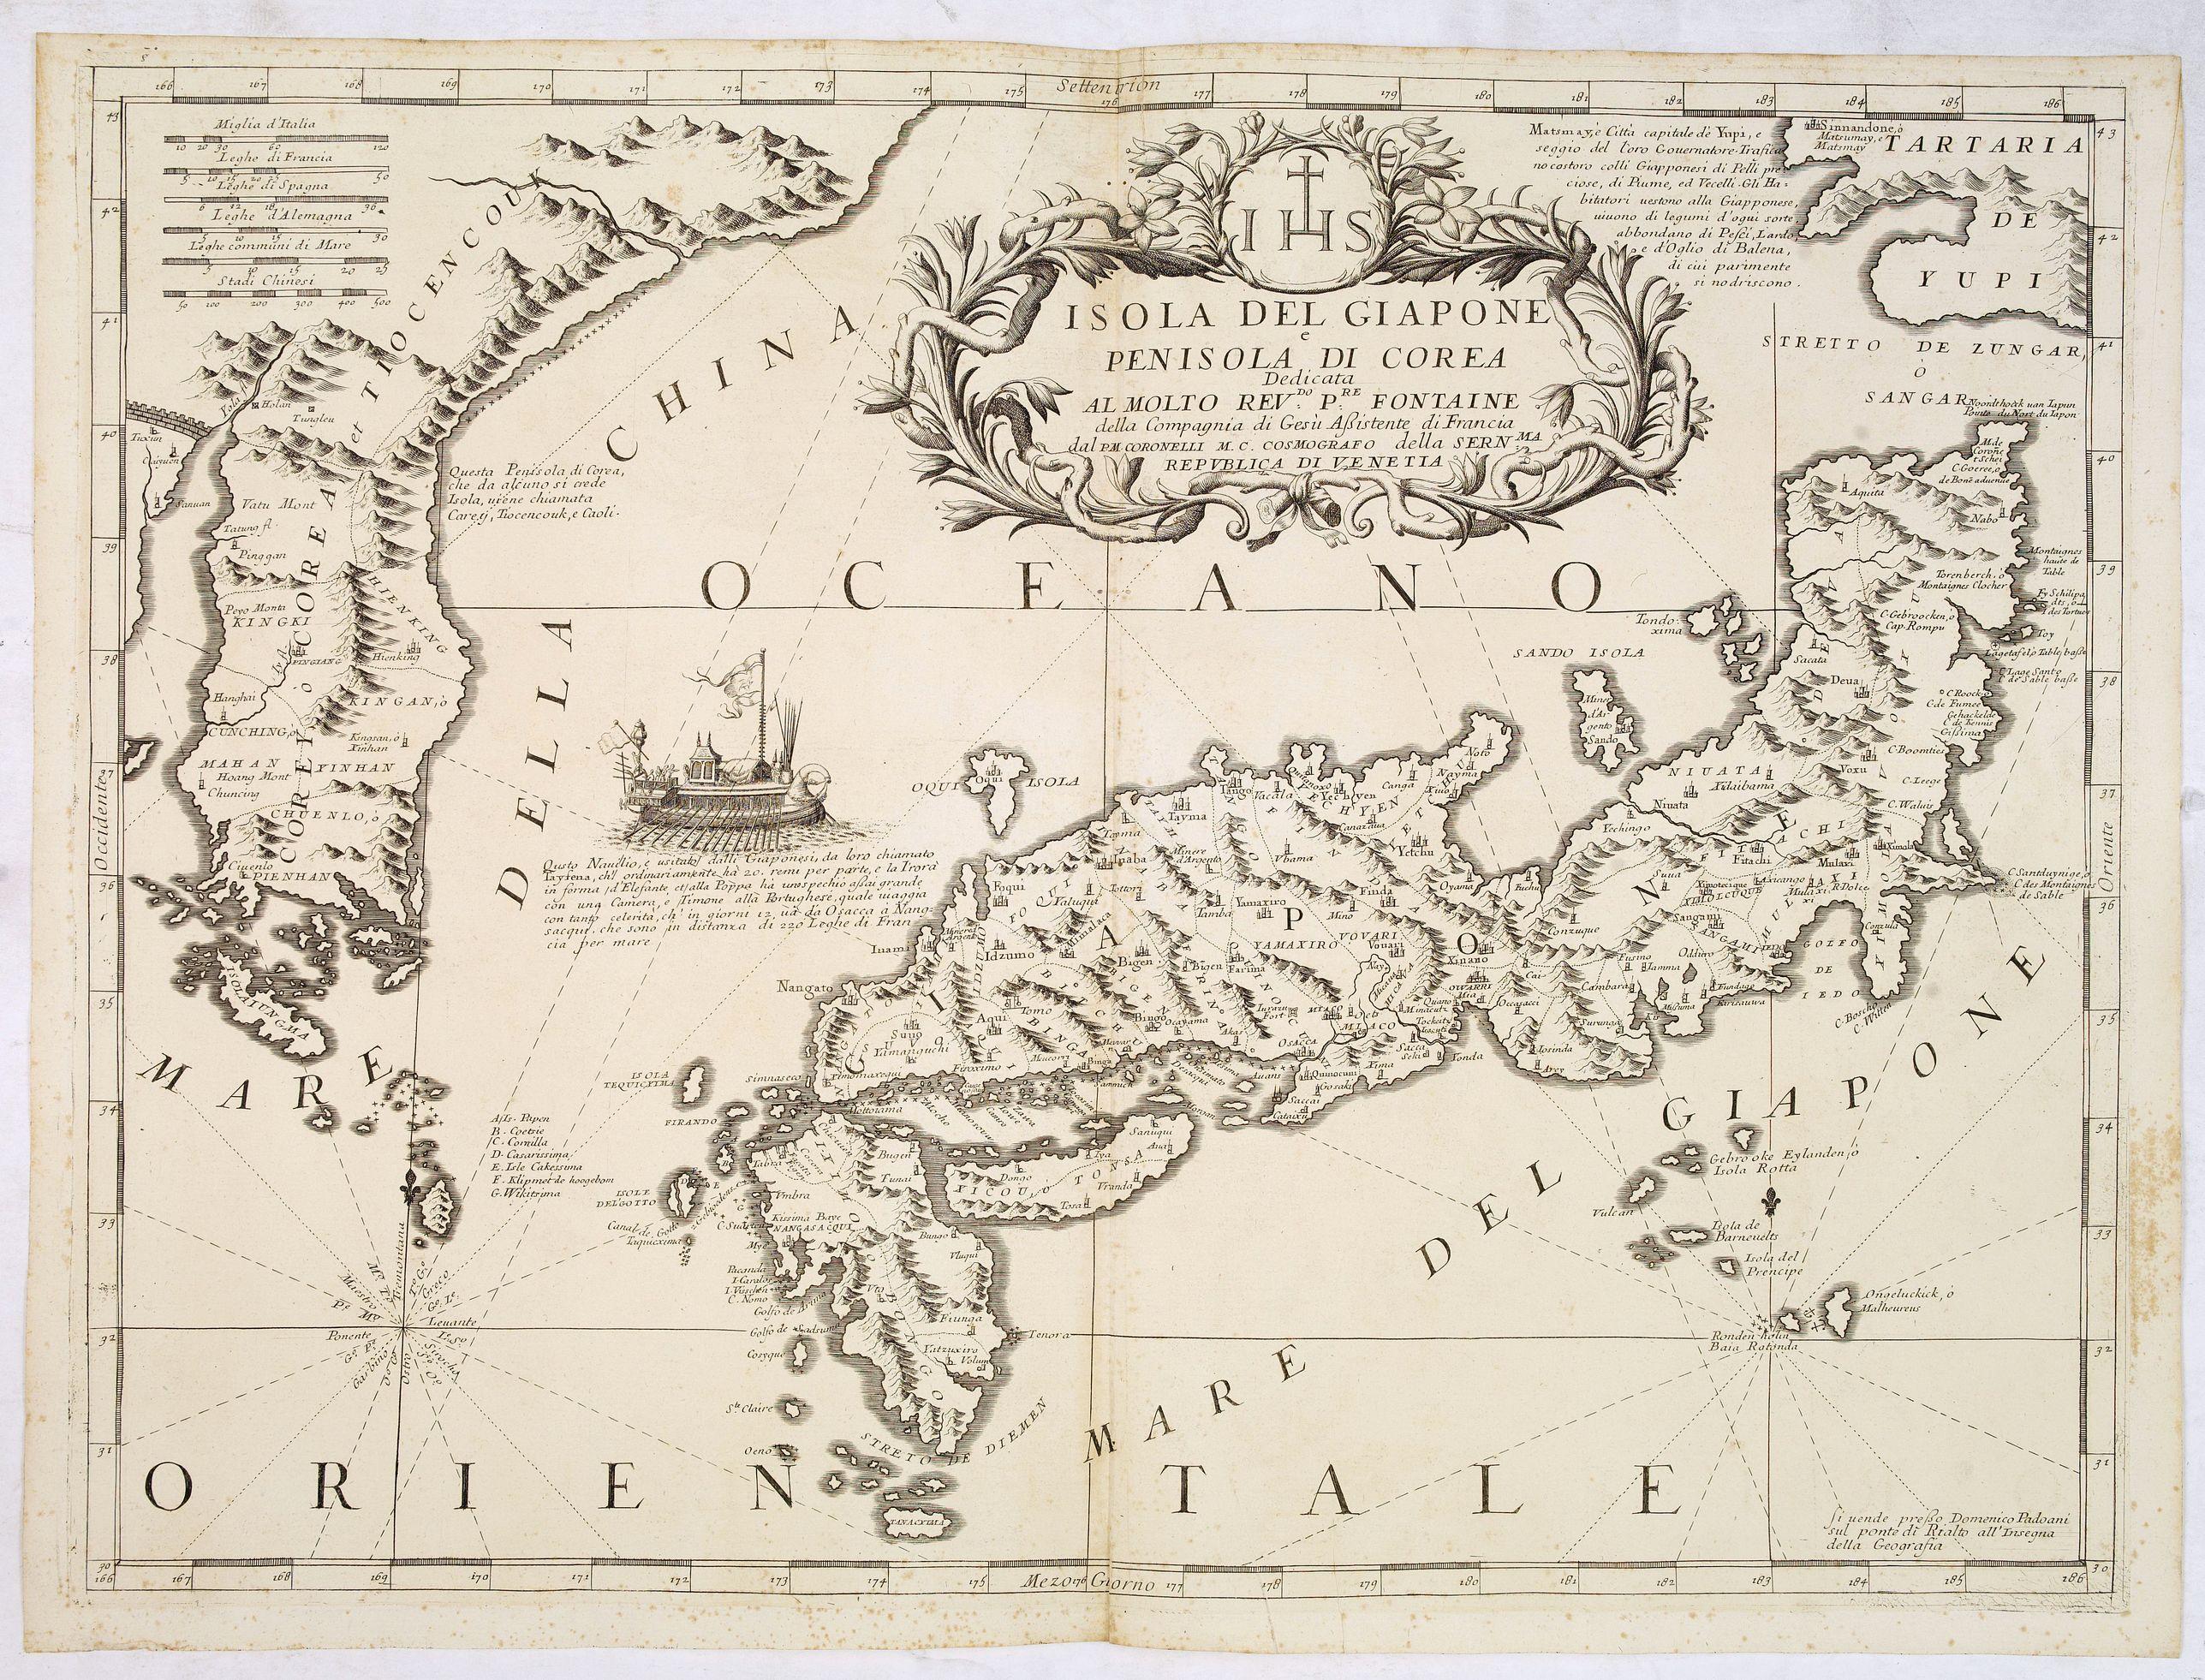 CORONELLI,V.M. -  Isola del Giapone e penisola di Corea.